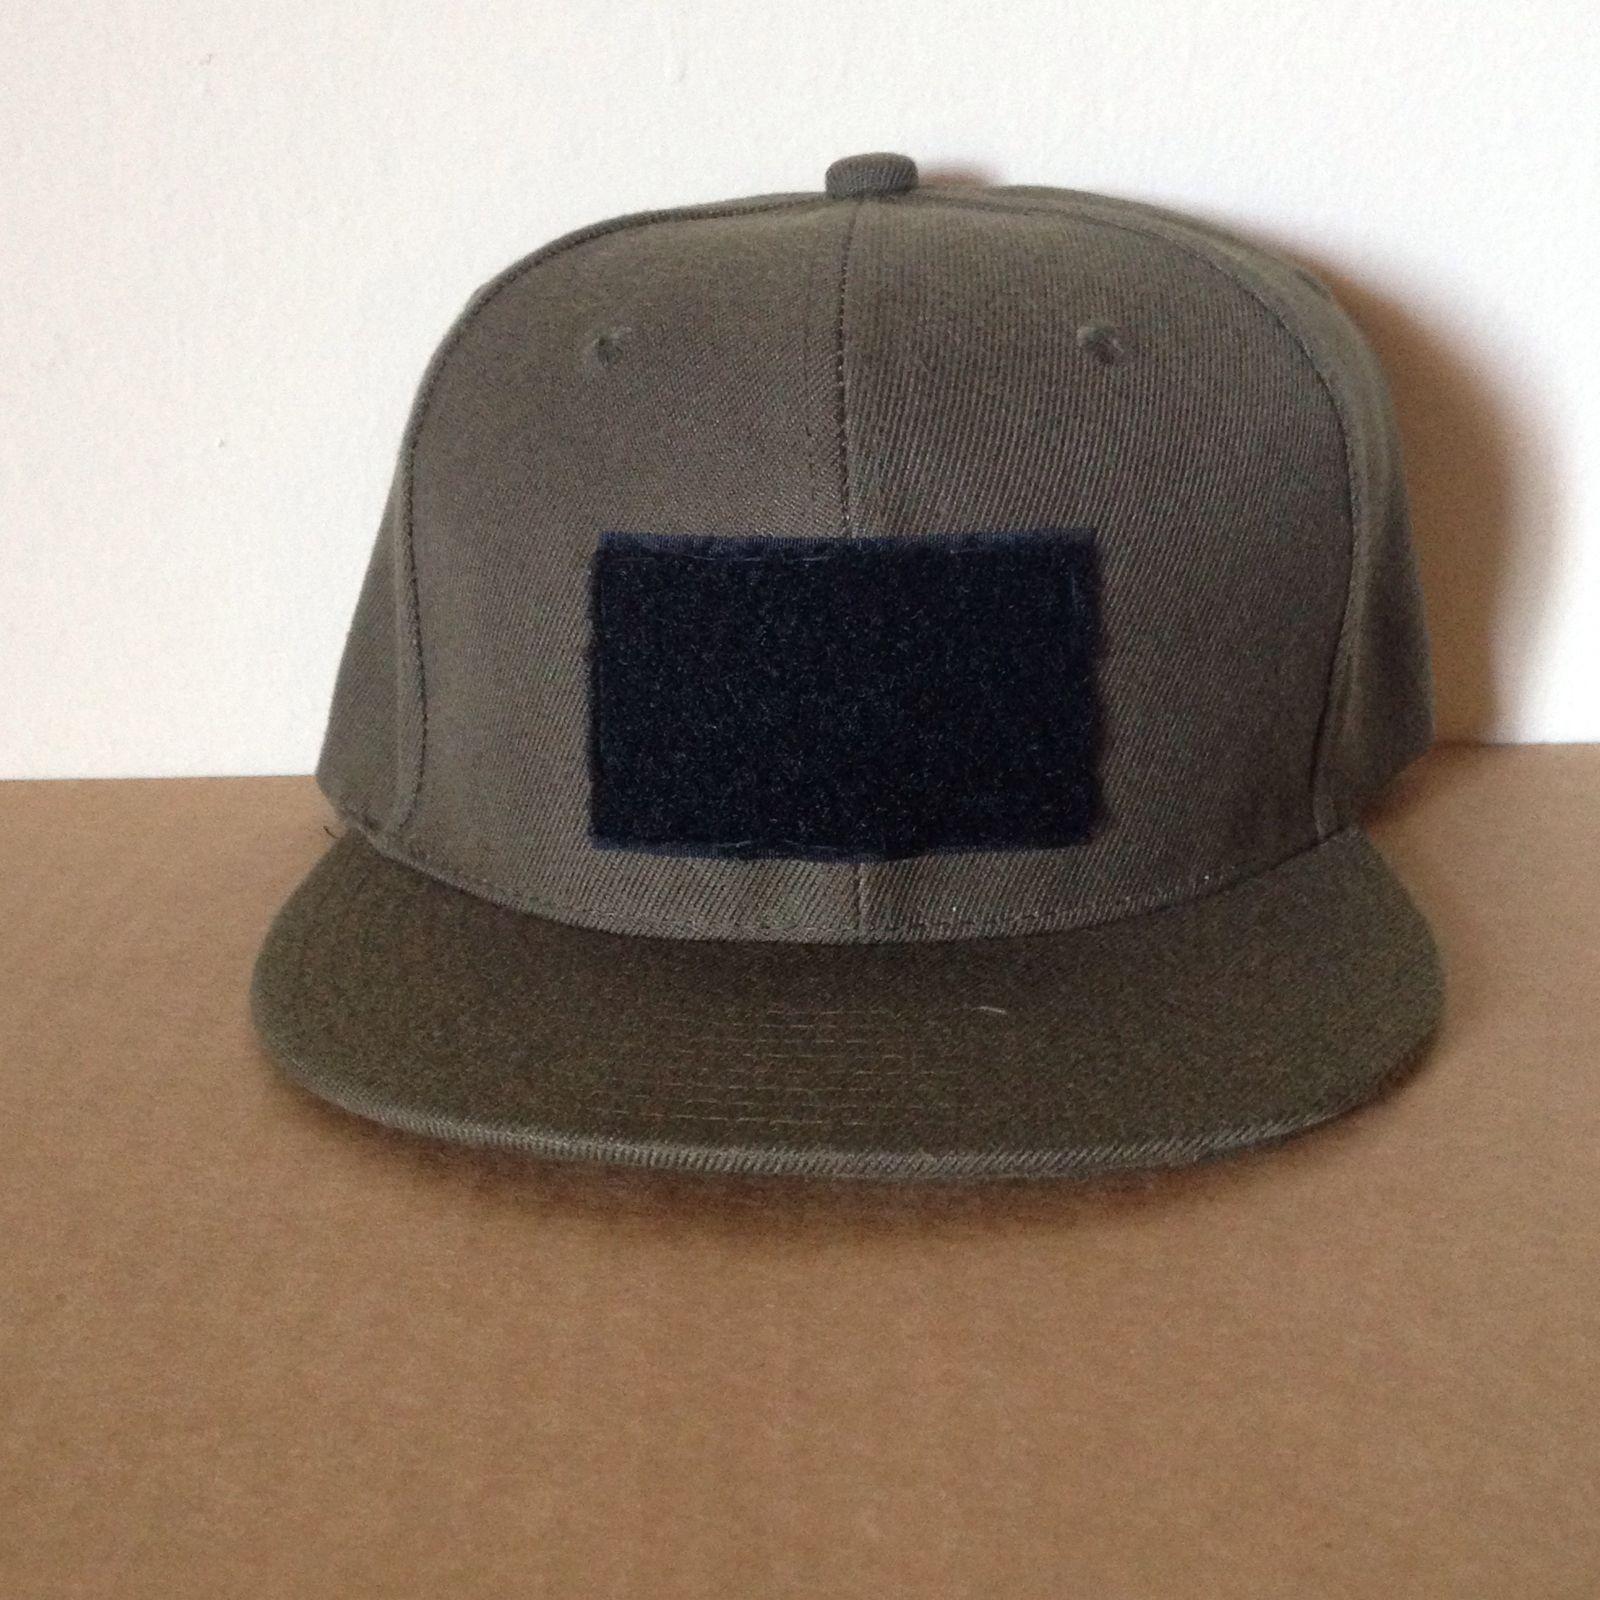 Black flat bill tactical hat / 3 Percenter Gear | hats